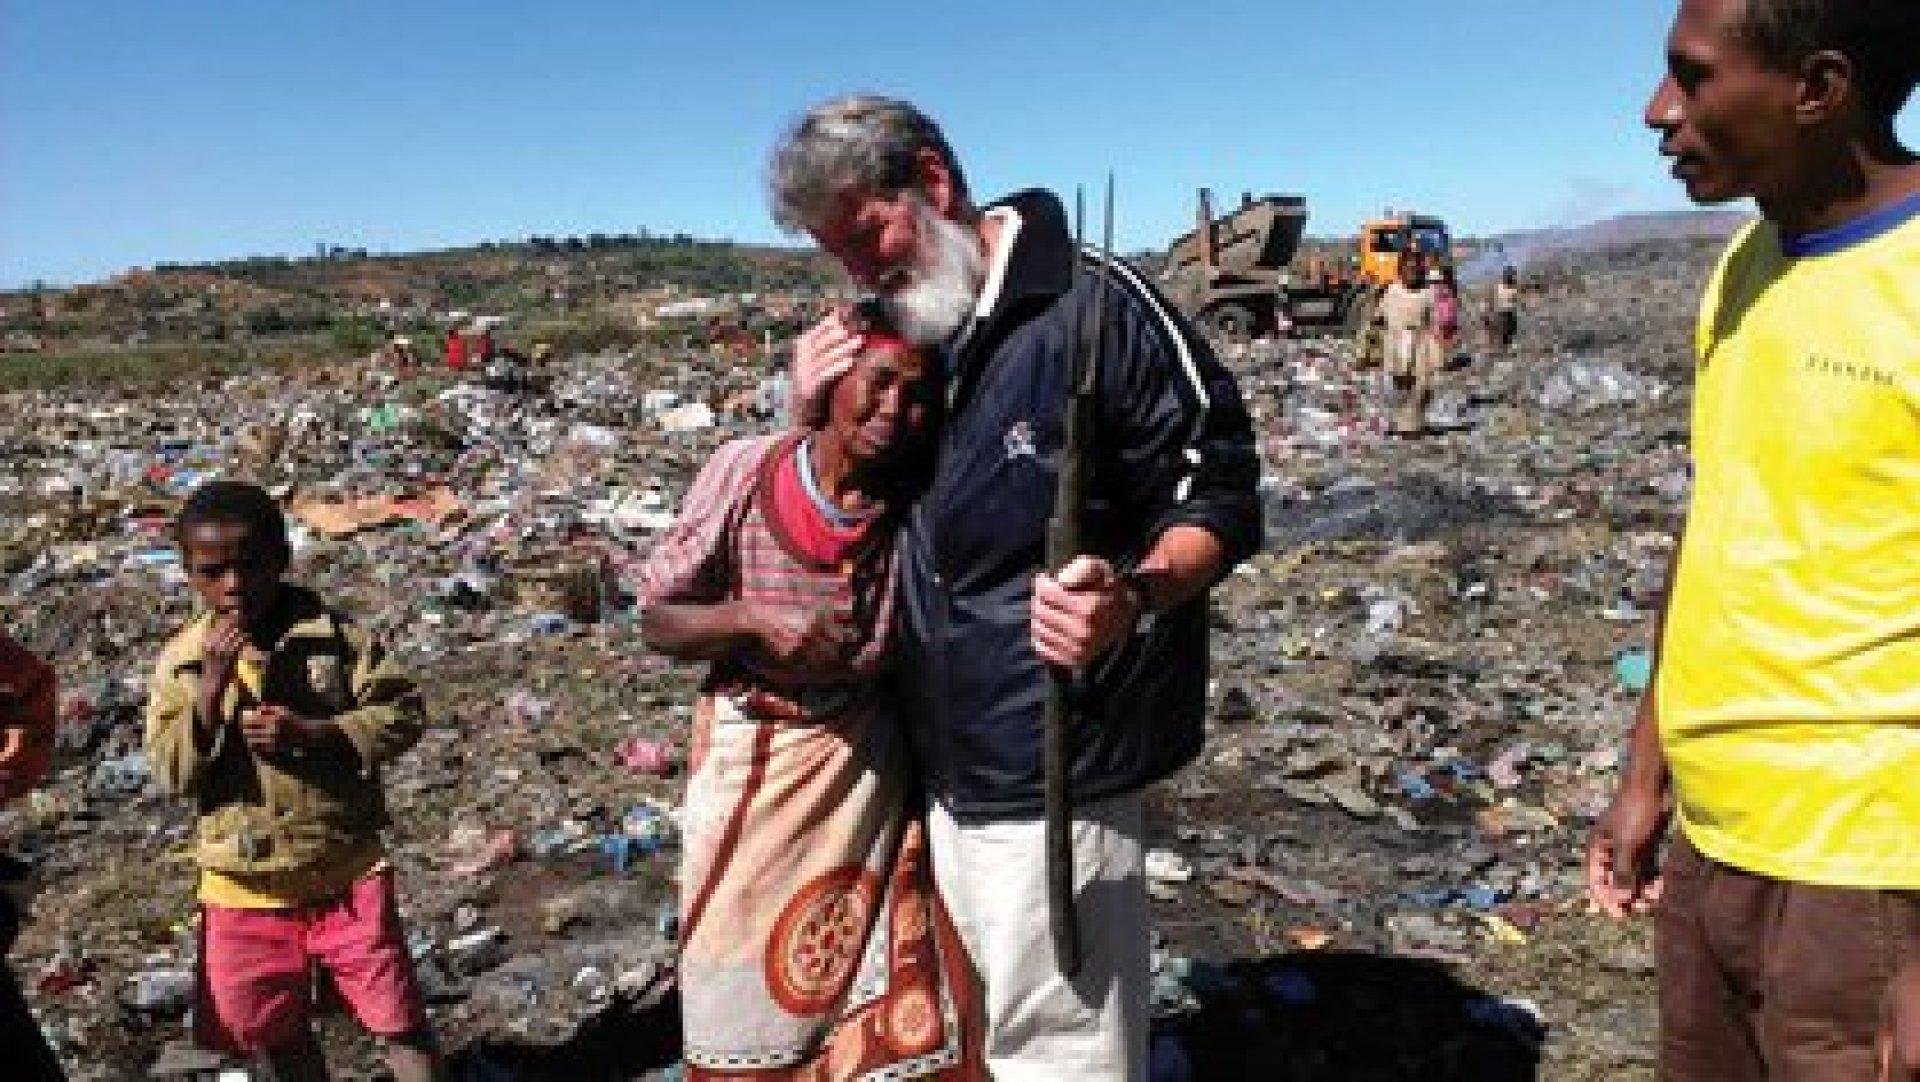 El sacerdote ya tiene 72 años, hace cinco décadas vive en Madagascar y hace treinta años fundó Akamasoa. Según la asociación humanitaria fundada por Opeka, por ejemplo, en 2017 fueron 30.000 las personas que recibieron asistencia temporaria, y más de 13.000 chicos se encontraban escolarizados, desde el nivel inicial hasta el terciario (Archivo DEF)